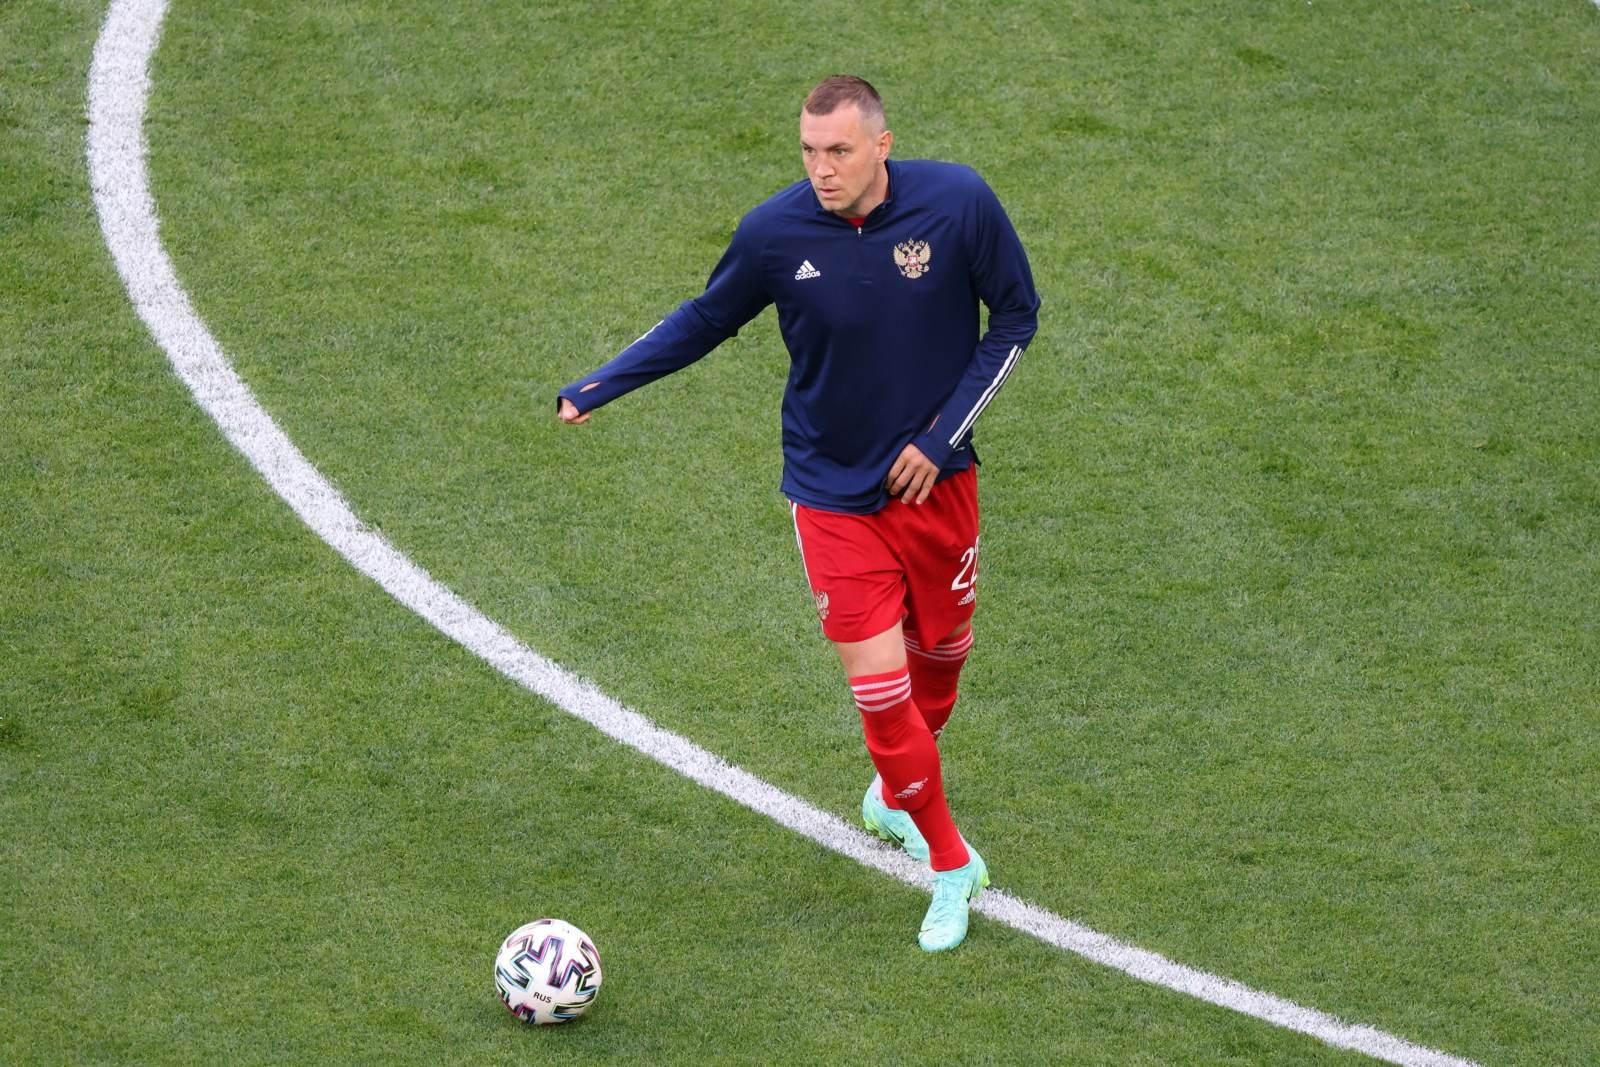 Лепёхин: Меня в российским футболе ничего не удивляет, но отказ Дзюбы от сборной стал неожиданностью